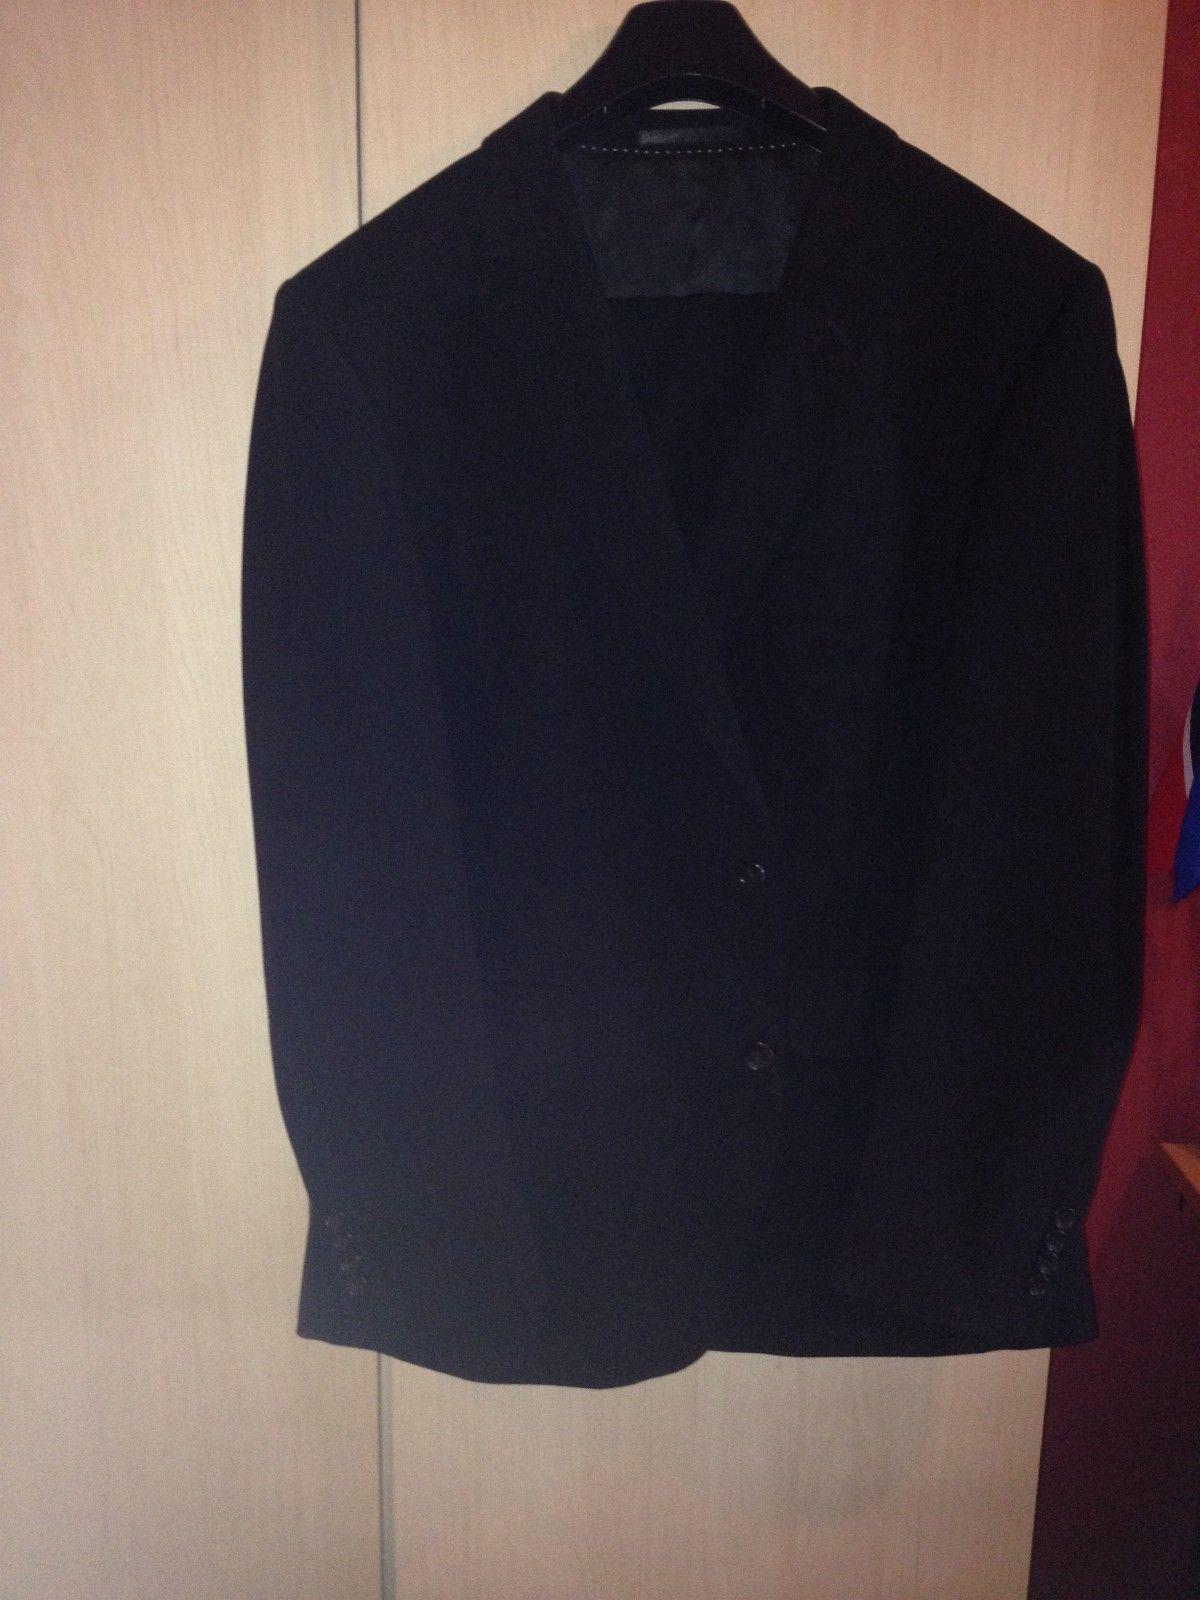 Dress herre - Bodø  - Dress herre, brukt en gang farge sort, str 52 bukse str 36/lengde 32 kr. 700,- kjøper bet. porto - Bodø